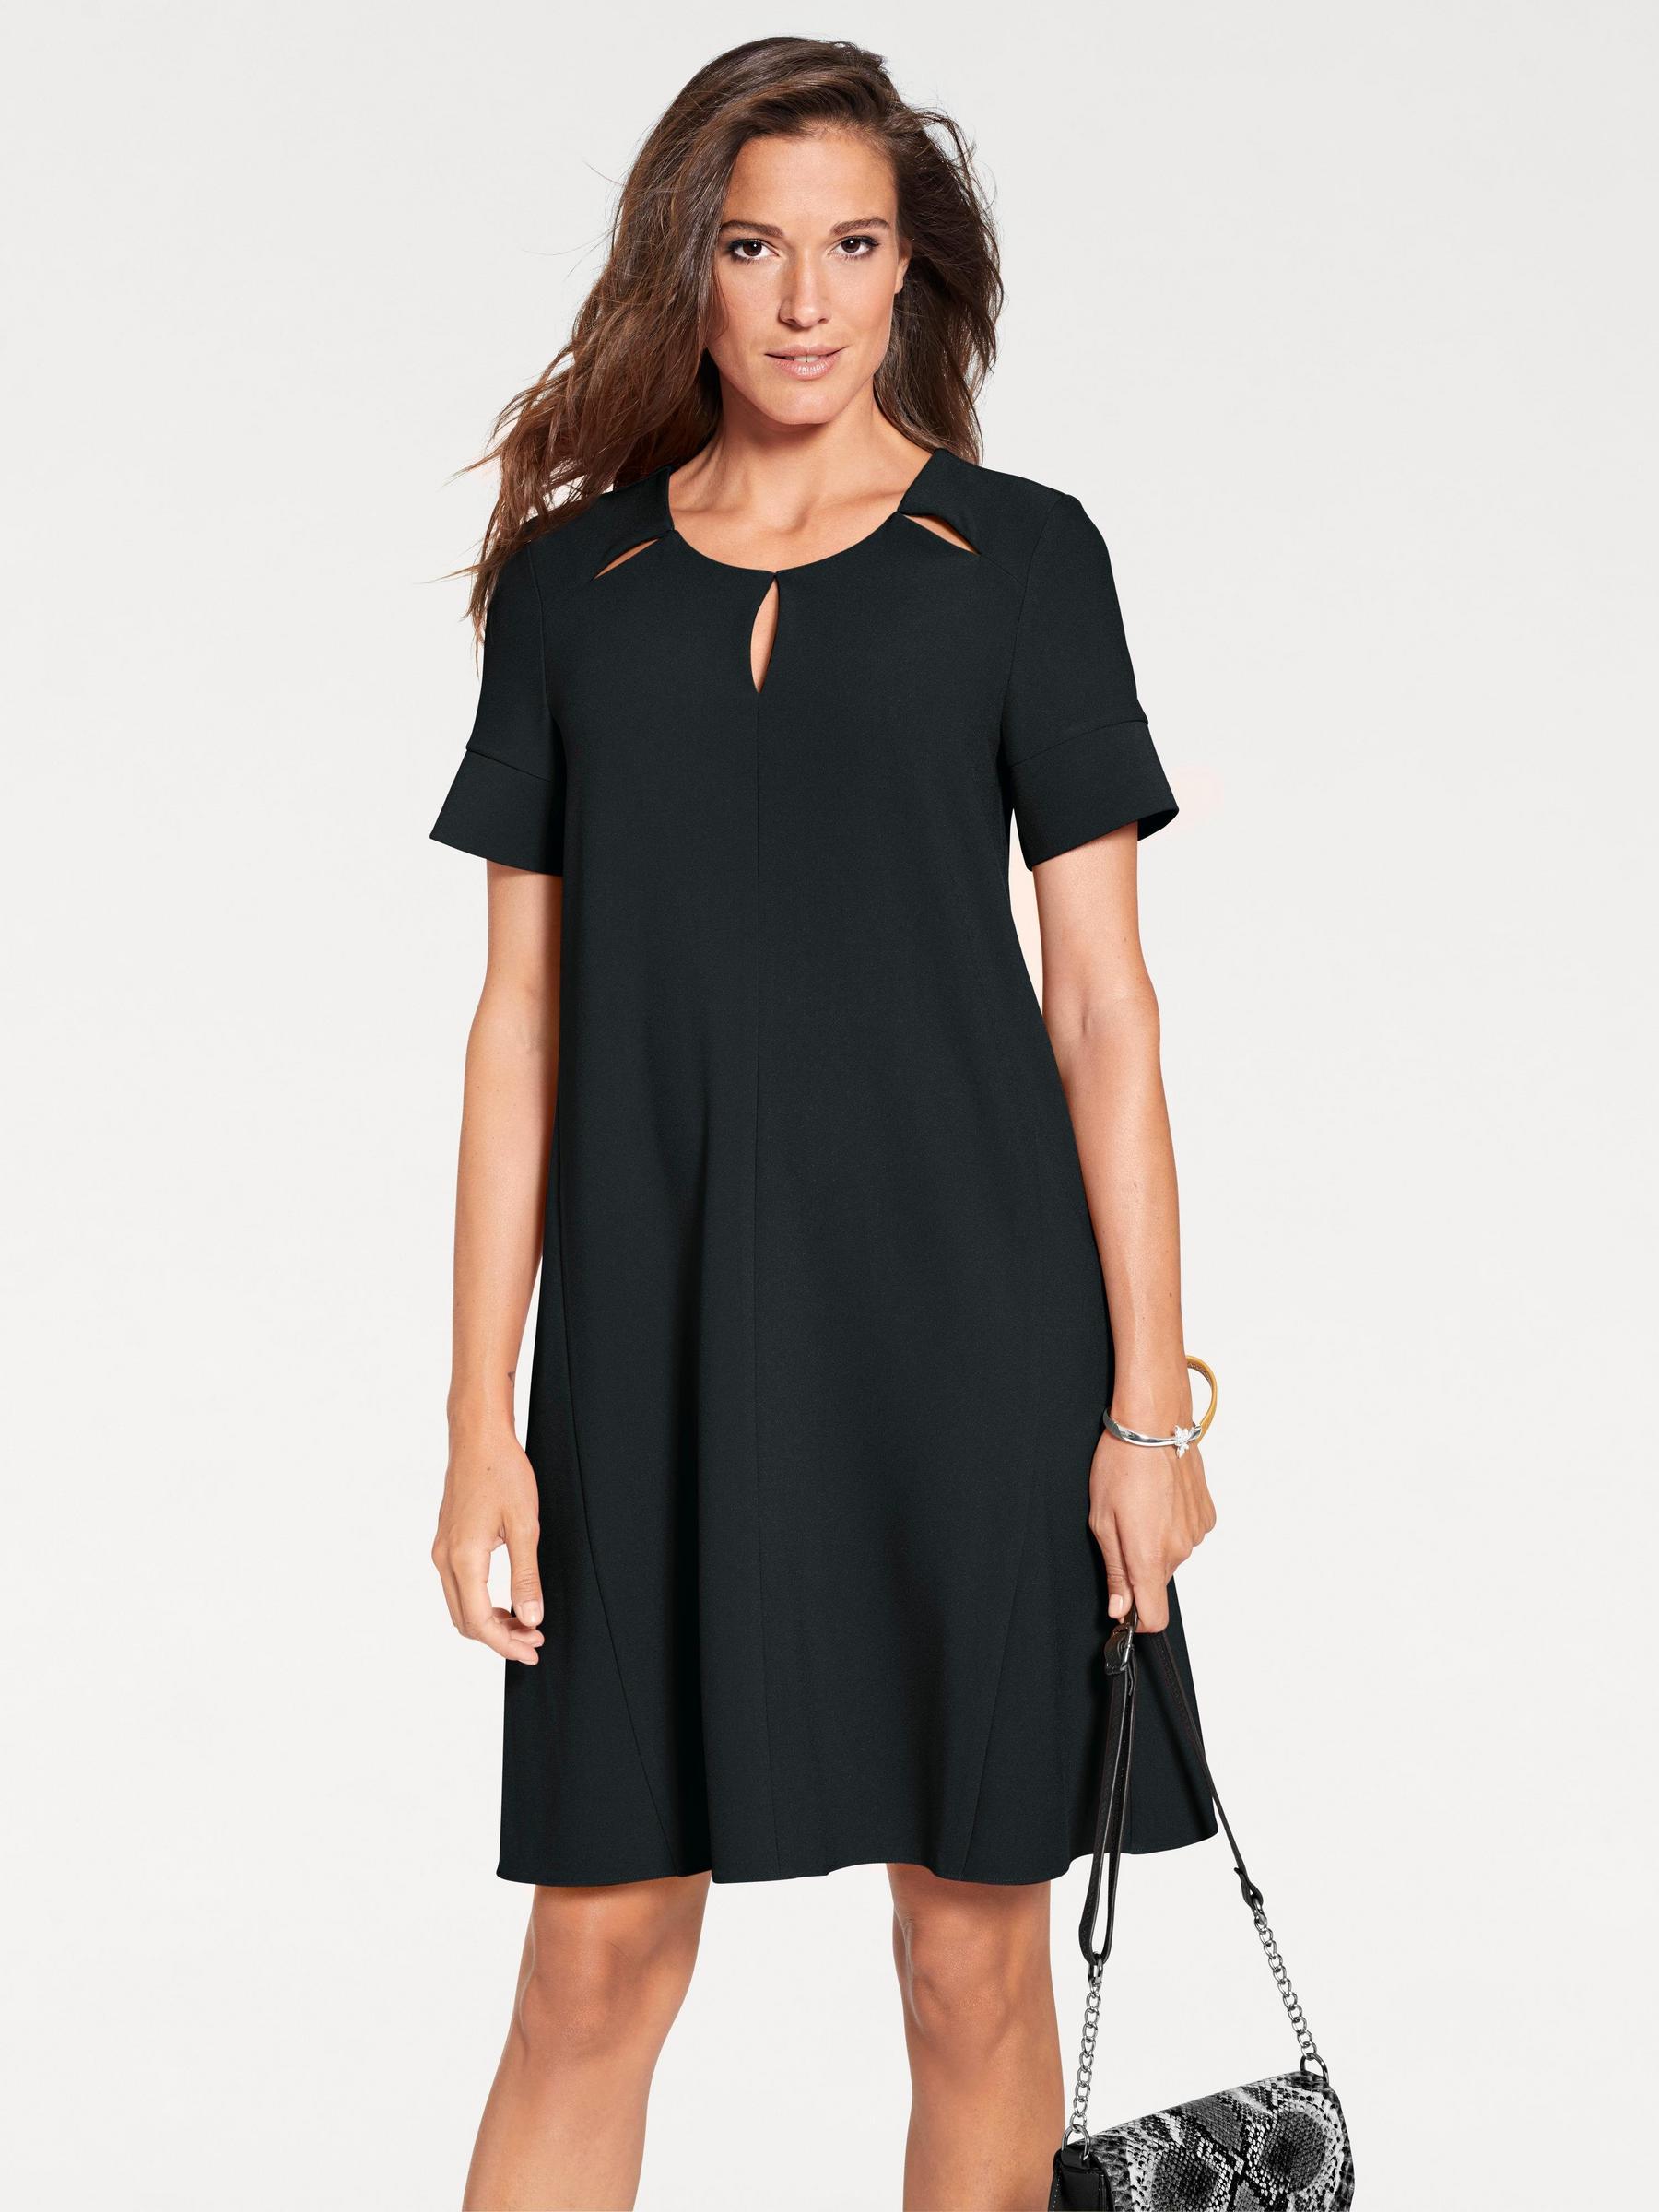 modèle de robe fluide noire sobre pour tenue de soirée élégante et décontractée